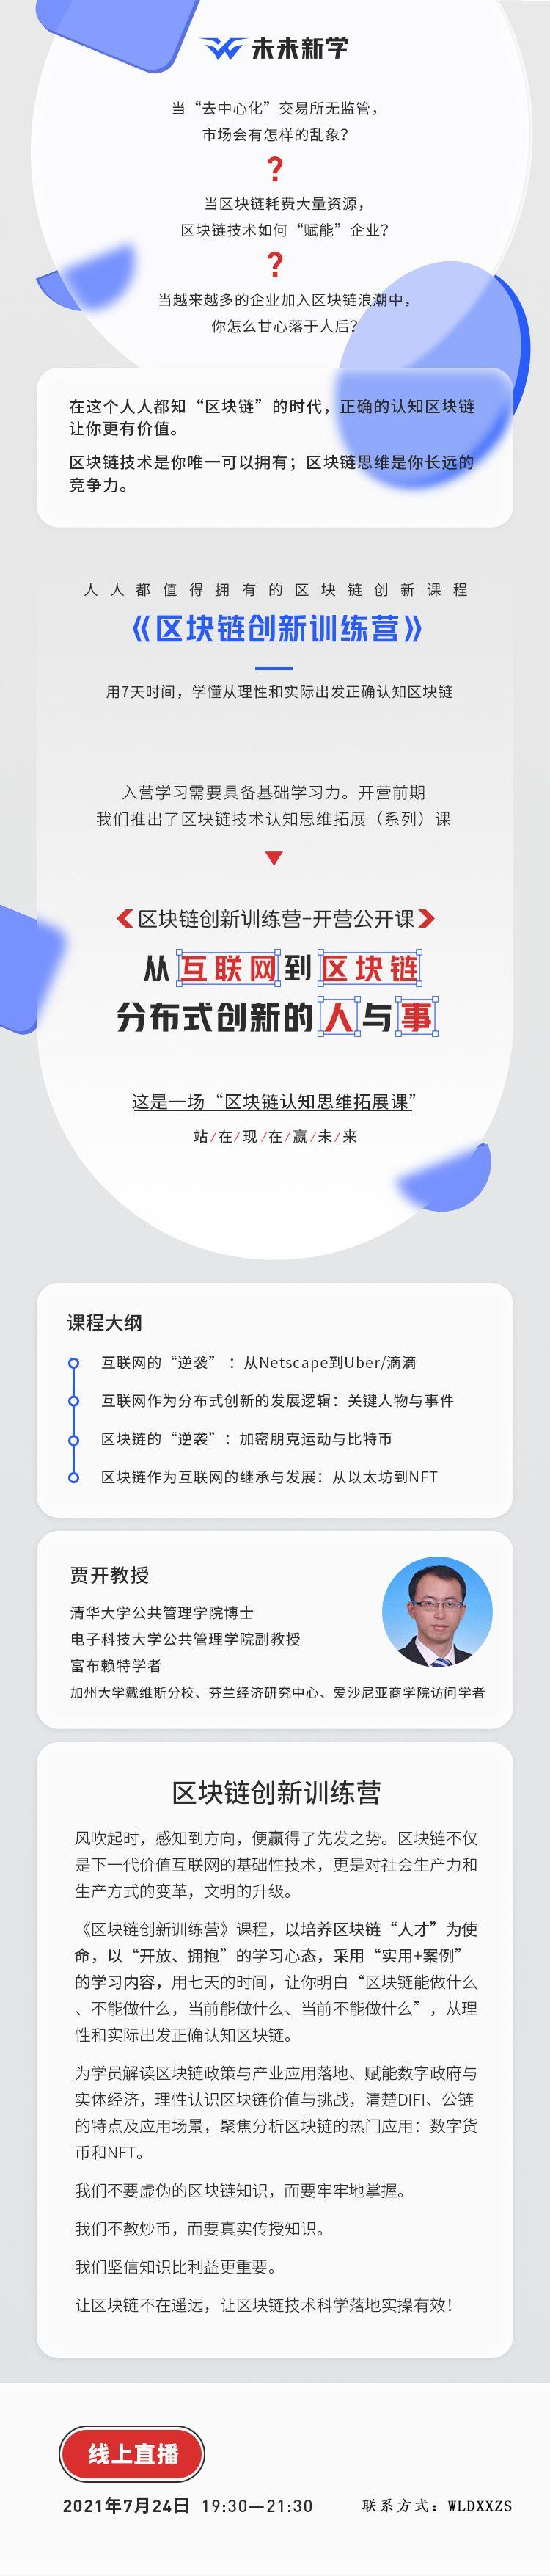 区块链创新训练营(贾开)-长海报.jpg